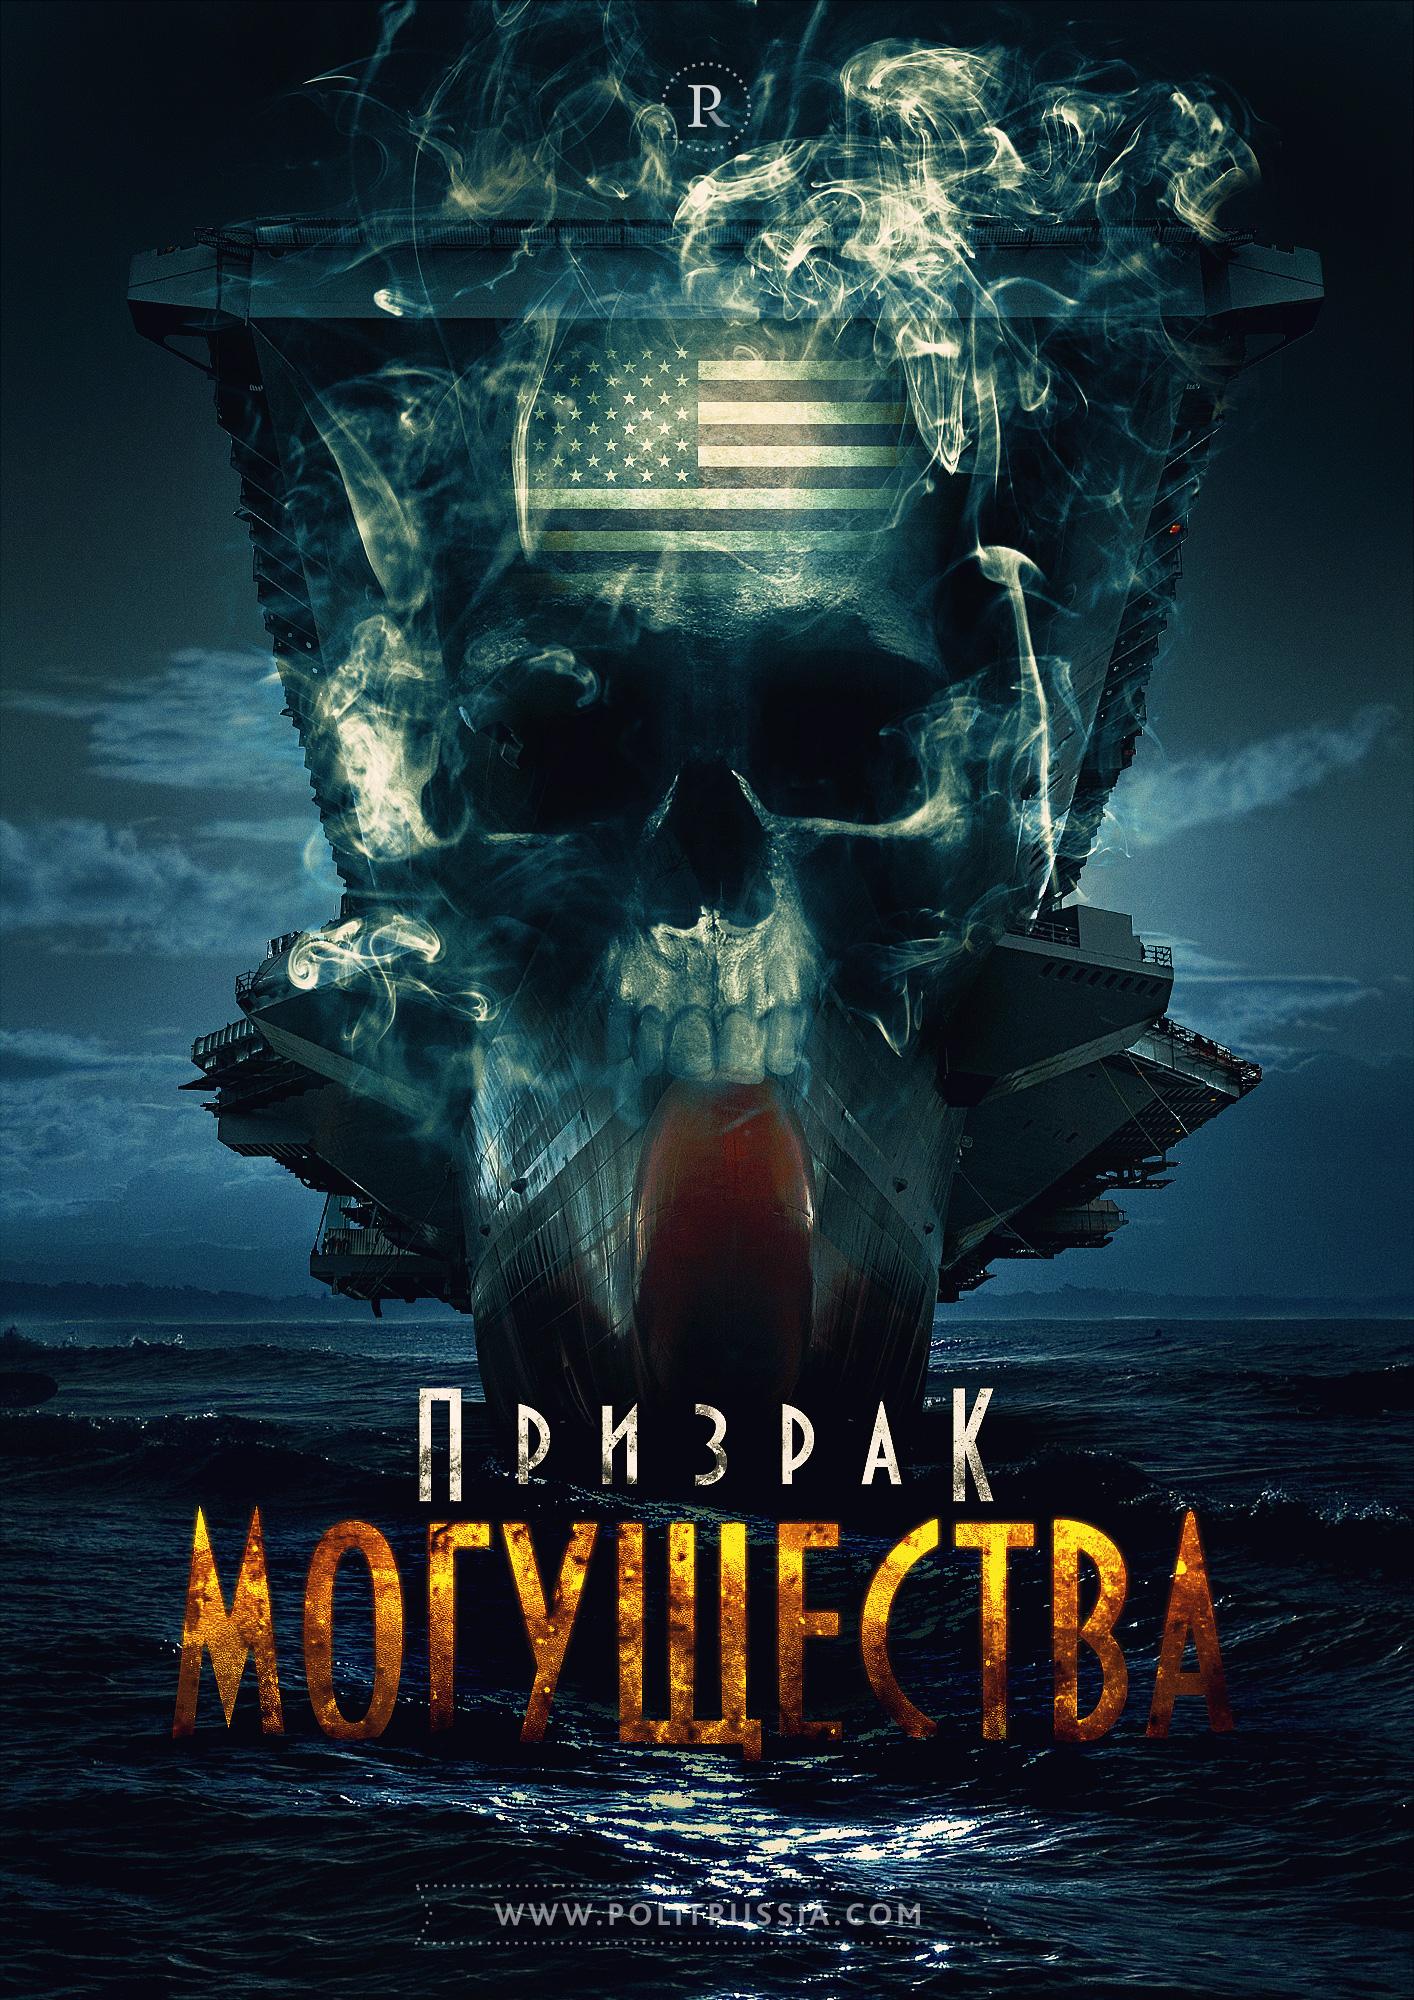 Смотреть фильм 6 лет 2015 года на русском